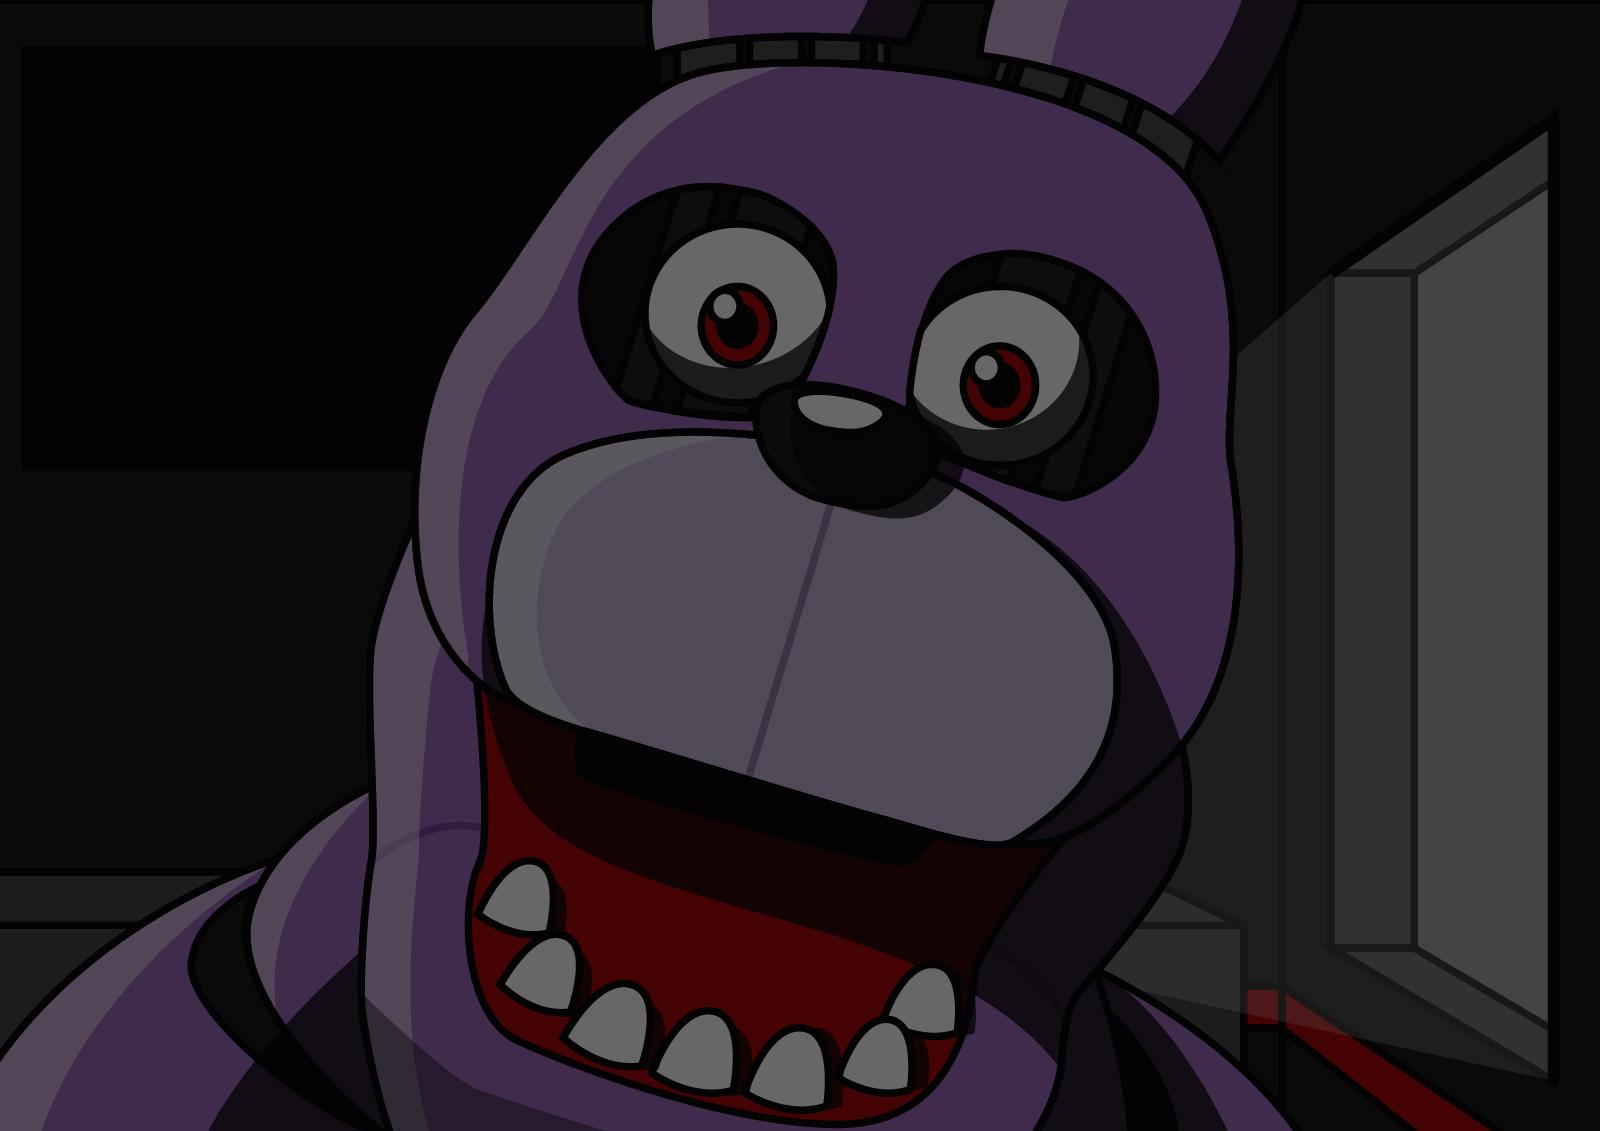 Five Nights At Freddy's Bonnie Animated bonnie - five nights at freddy'sarung98 on deviantart